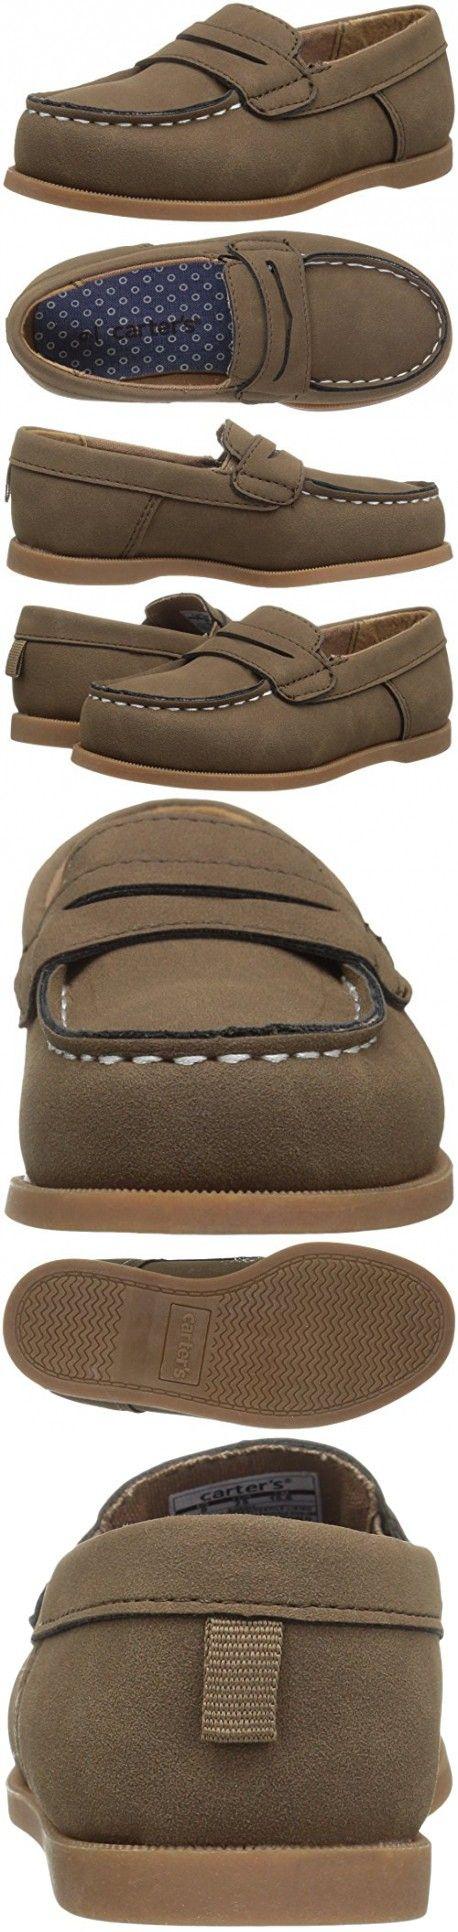 Carter's Boys' Simon4 Slip-on Boat Shoe Loafer, Brown, 10 M US Toddler